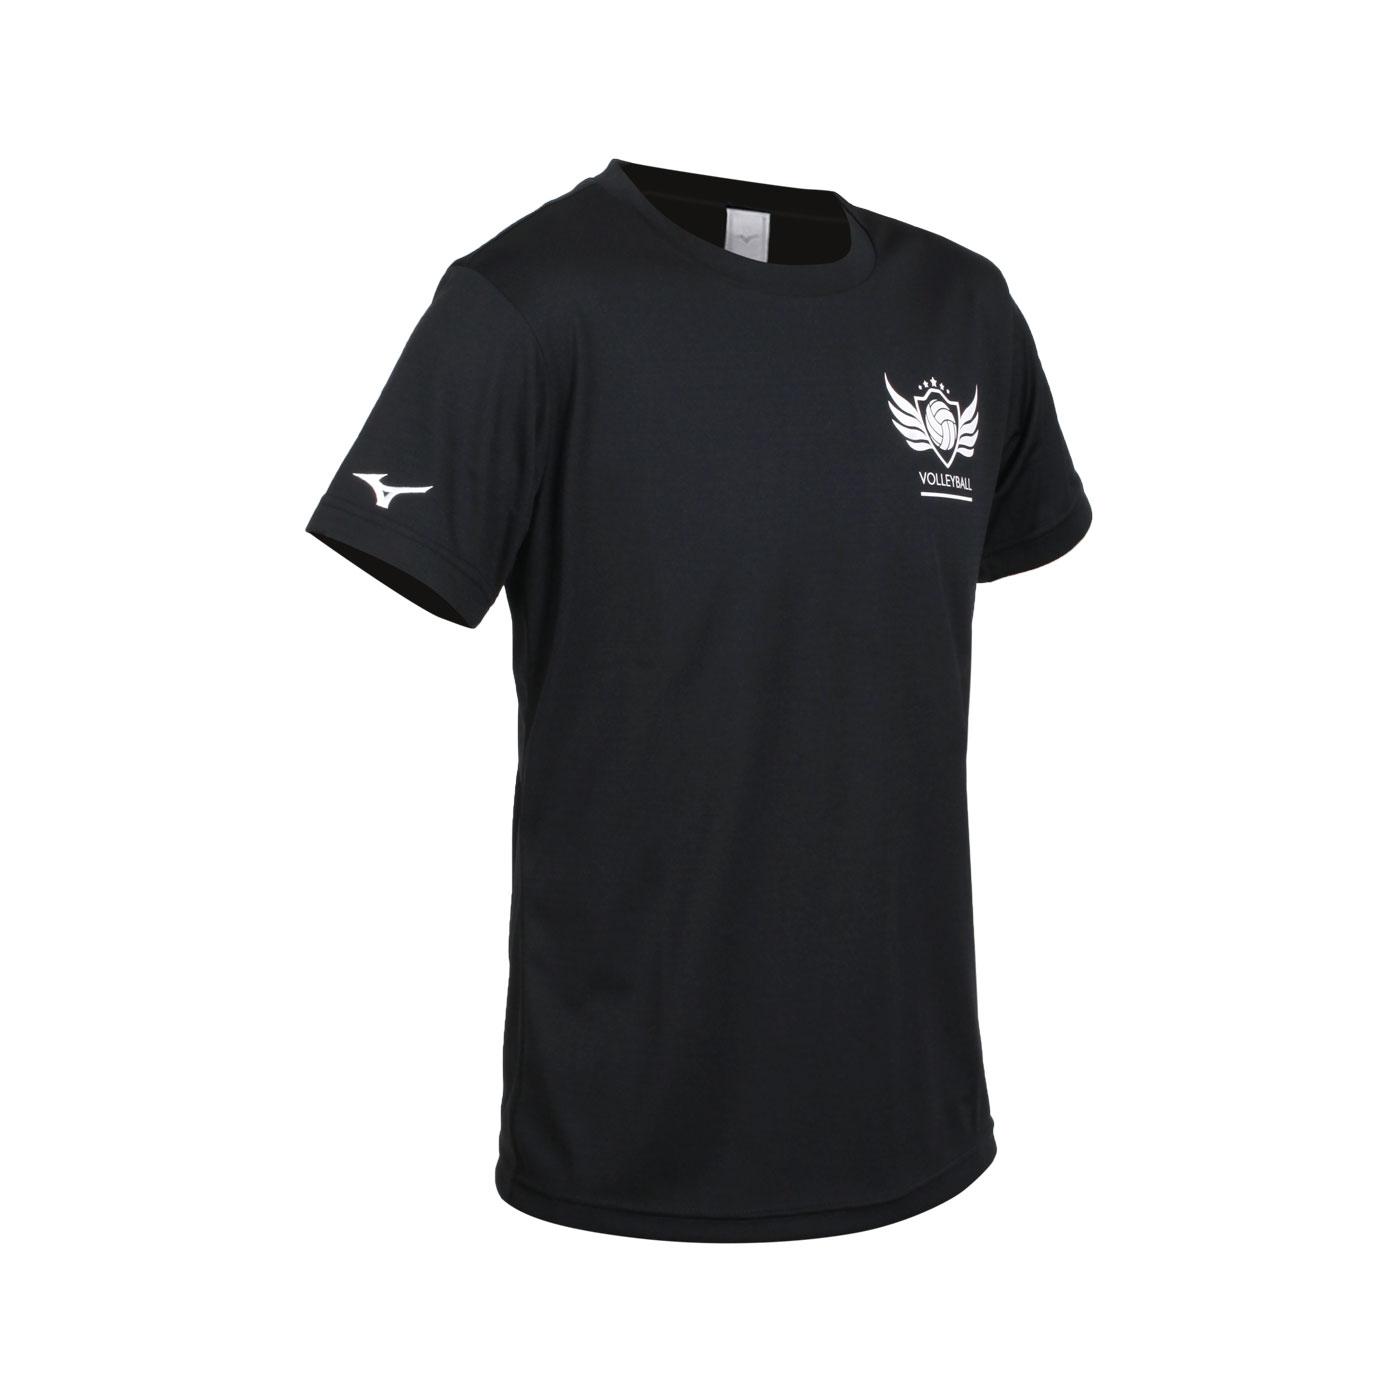 MIZUNO 男款短袖T恤 V2TA1G2209 - 黑白